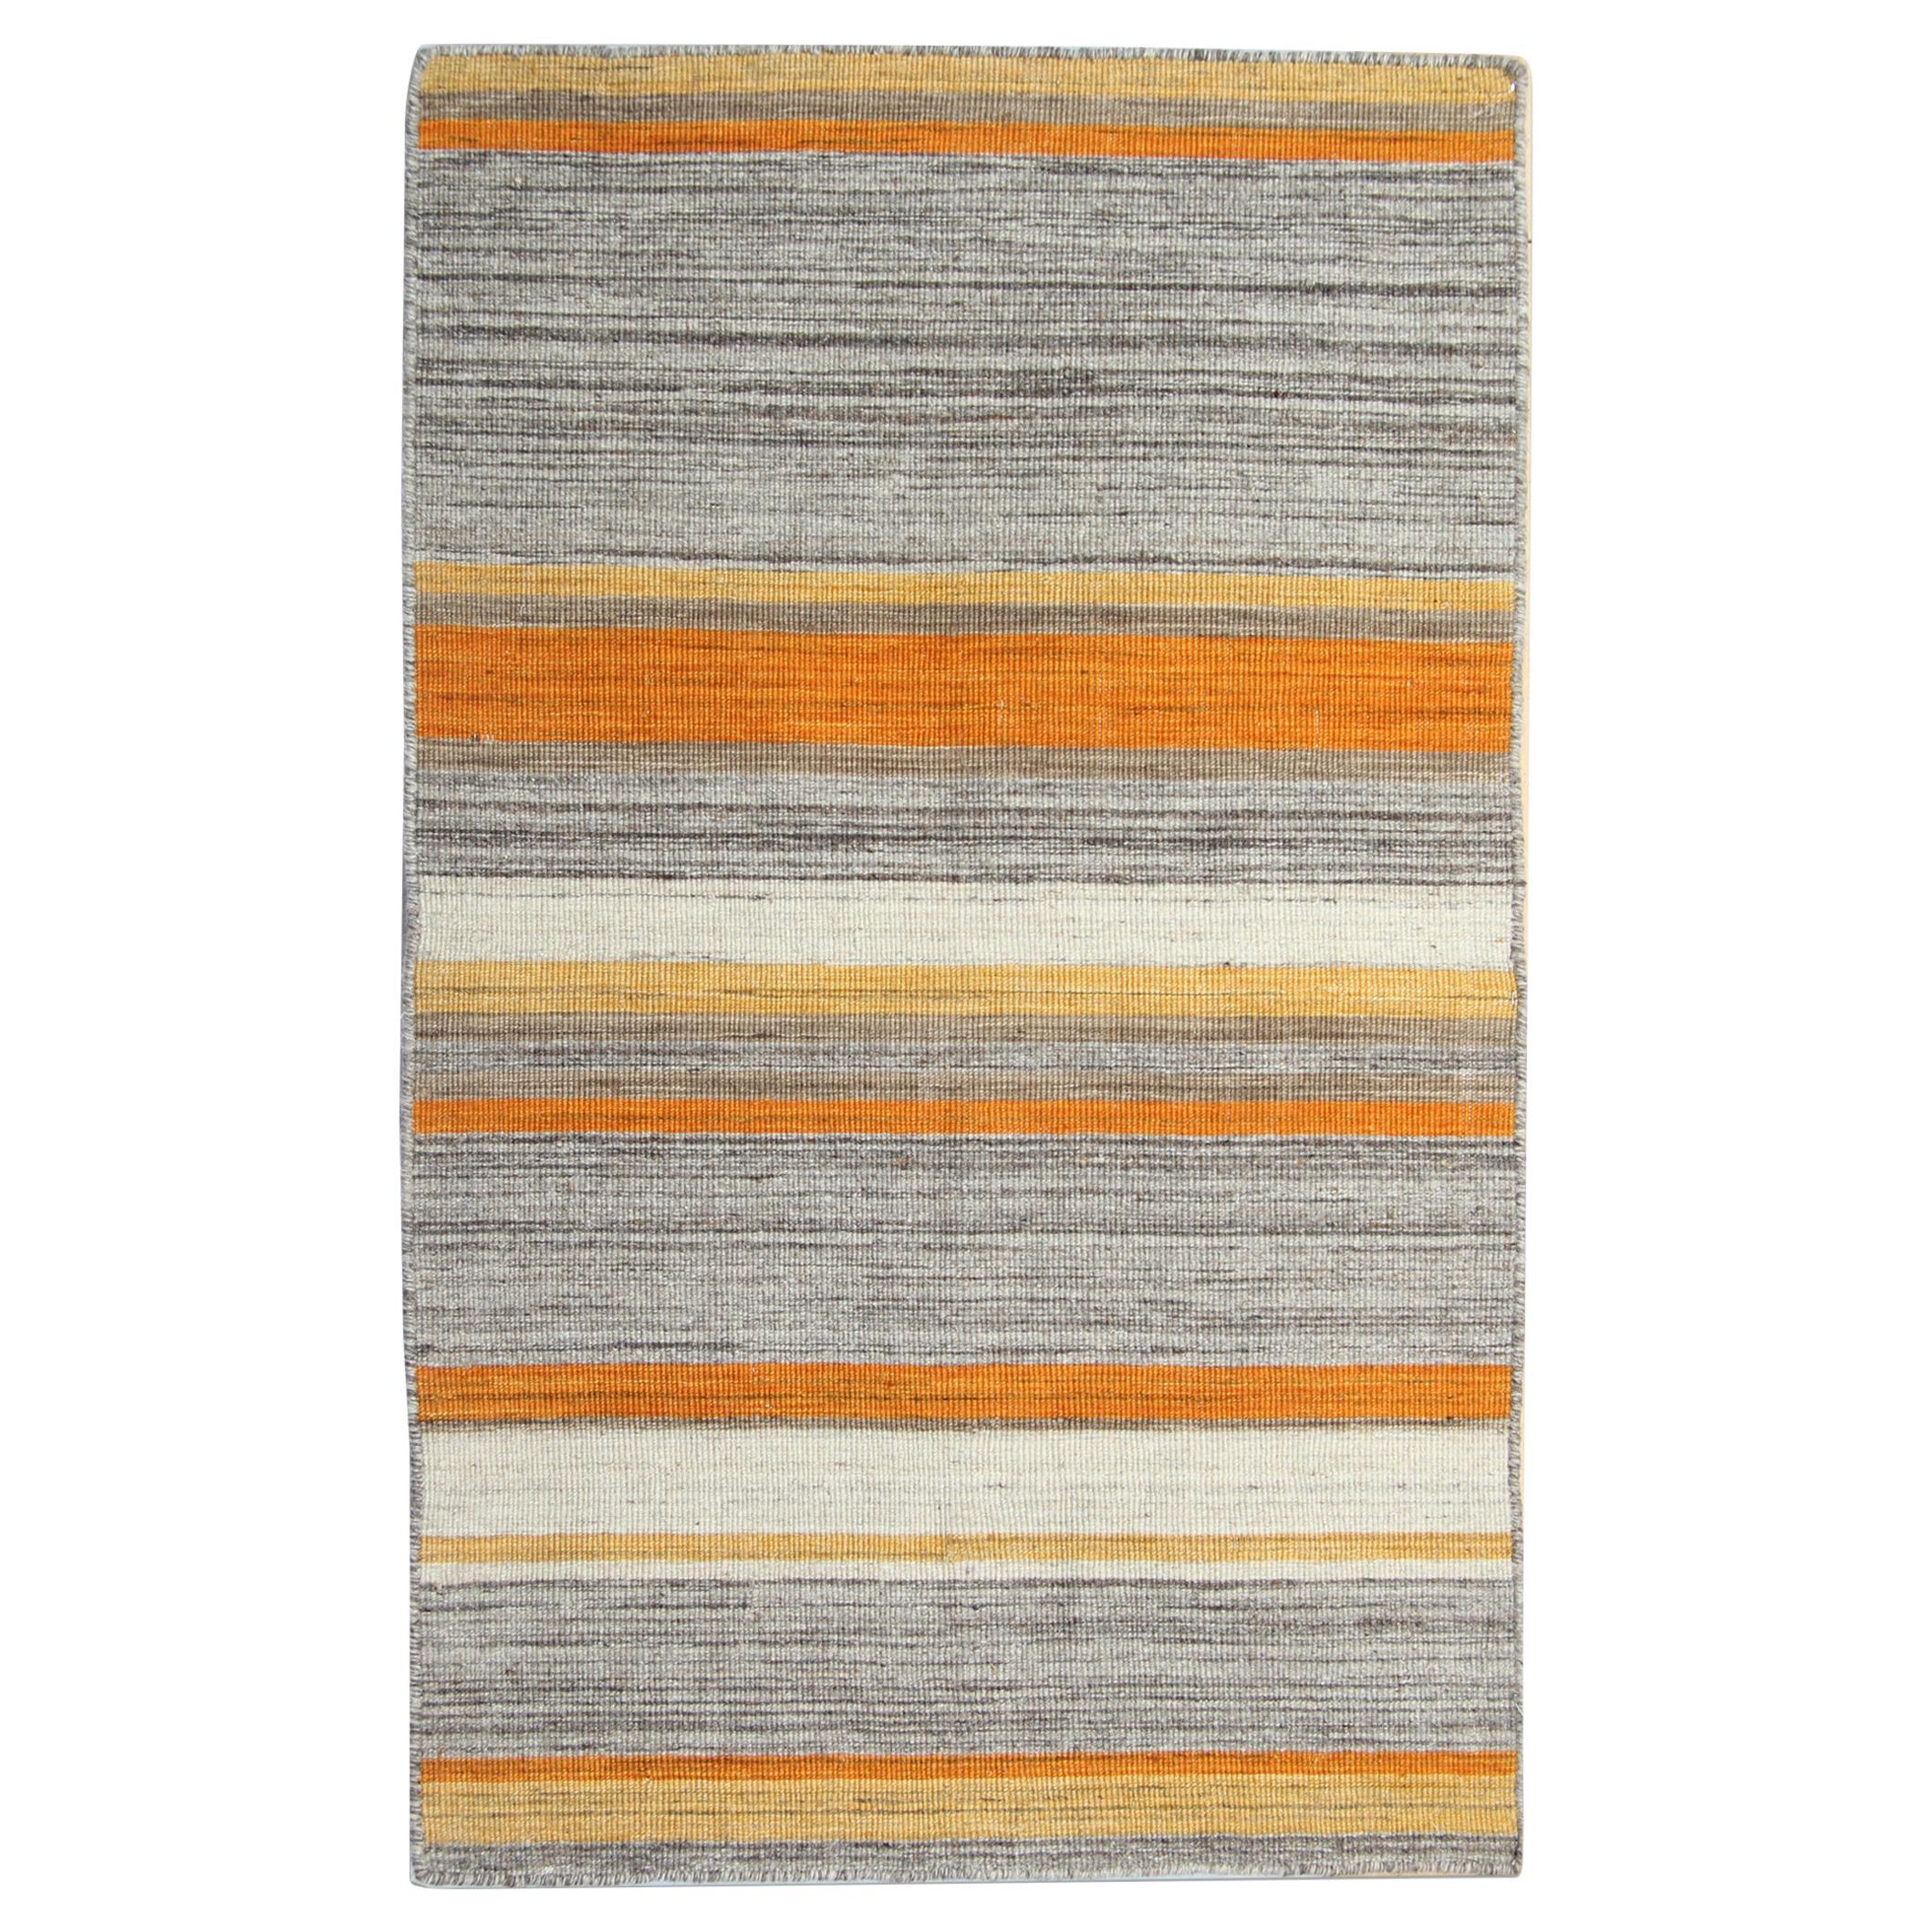 Handmade Kilim Rug Flat-Woven Kilims Carpet Orange Wool Area Rug